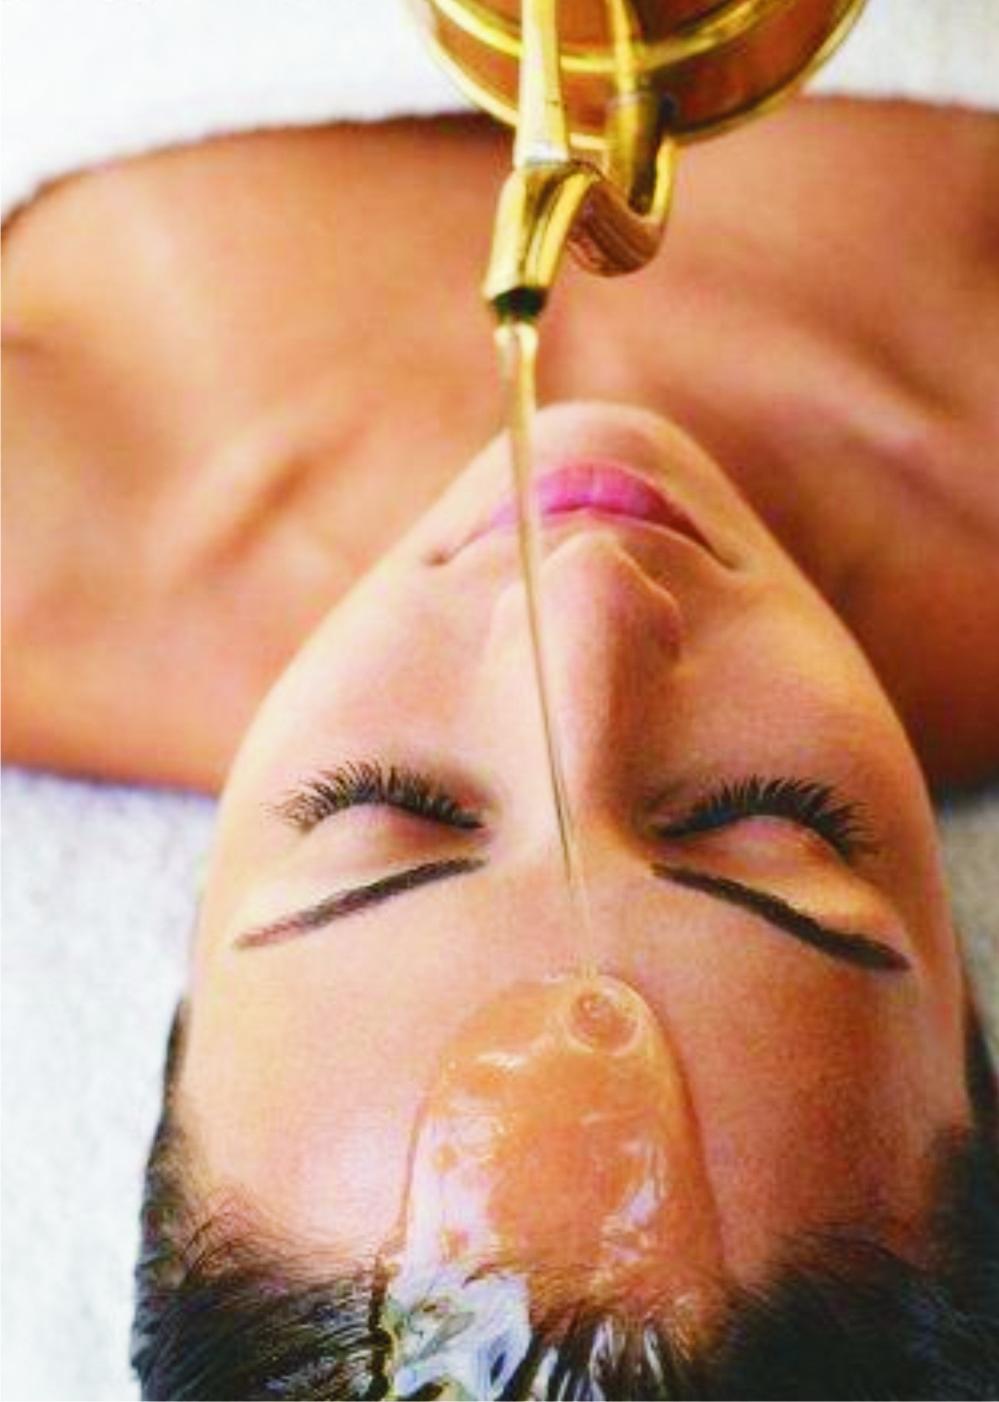 http://www.jiva.org/wp-content/uploads/2011/05/sirodara-massage.jpg